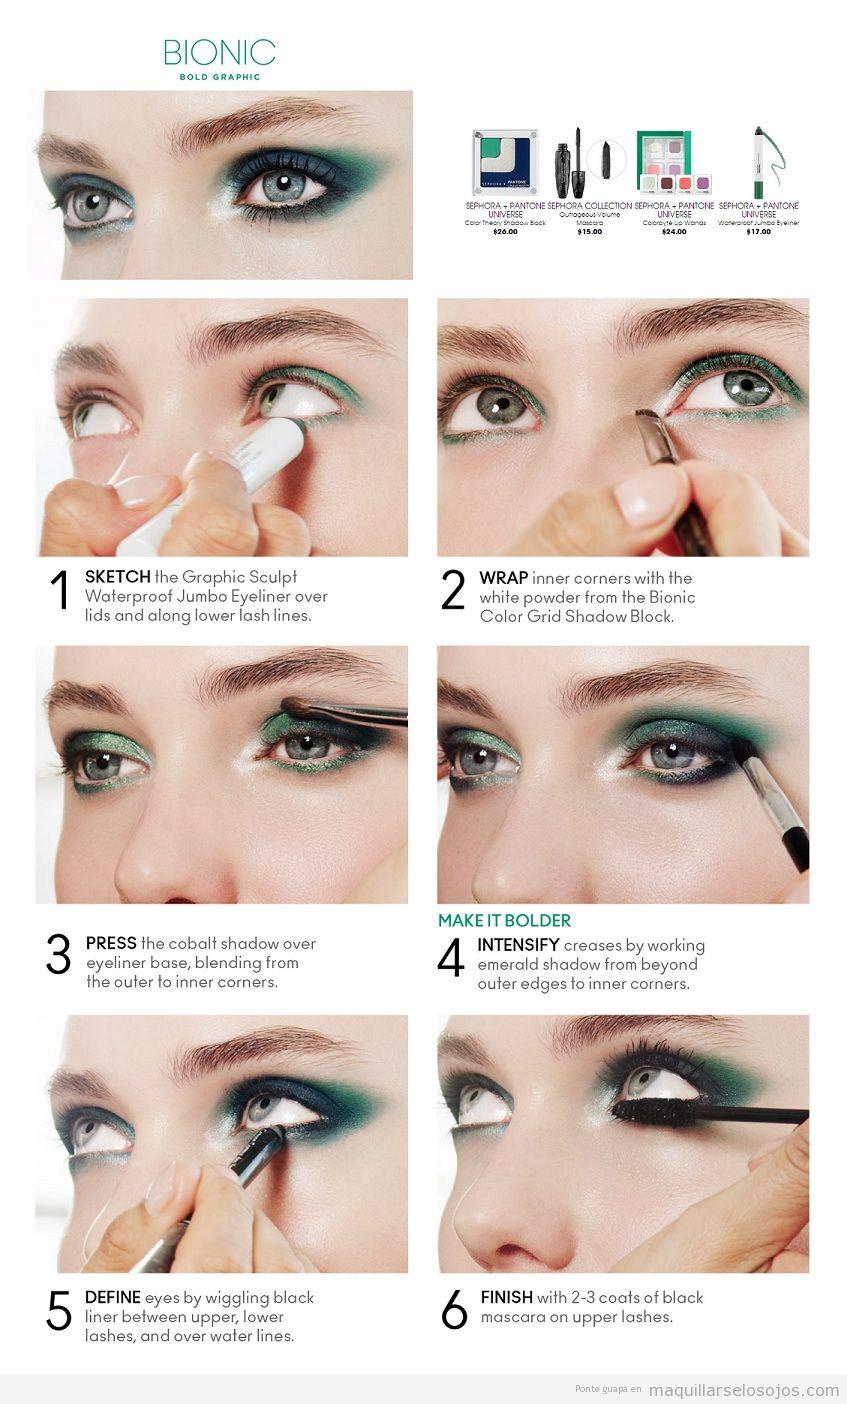 Tonos verdes archivos maquillarse los ojos - Como maquillarse paso apaso ...